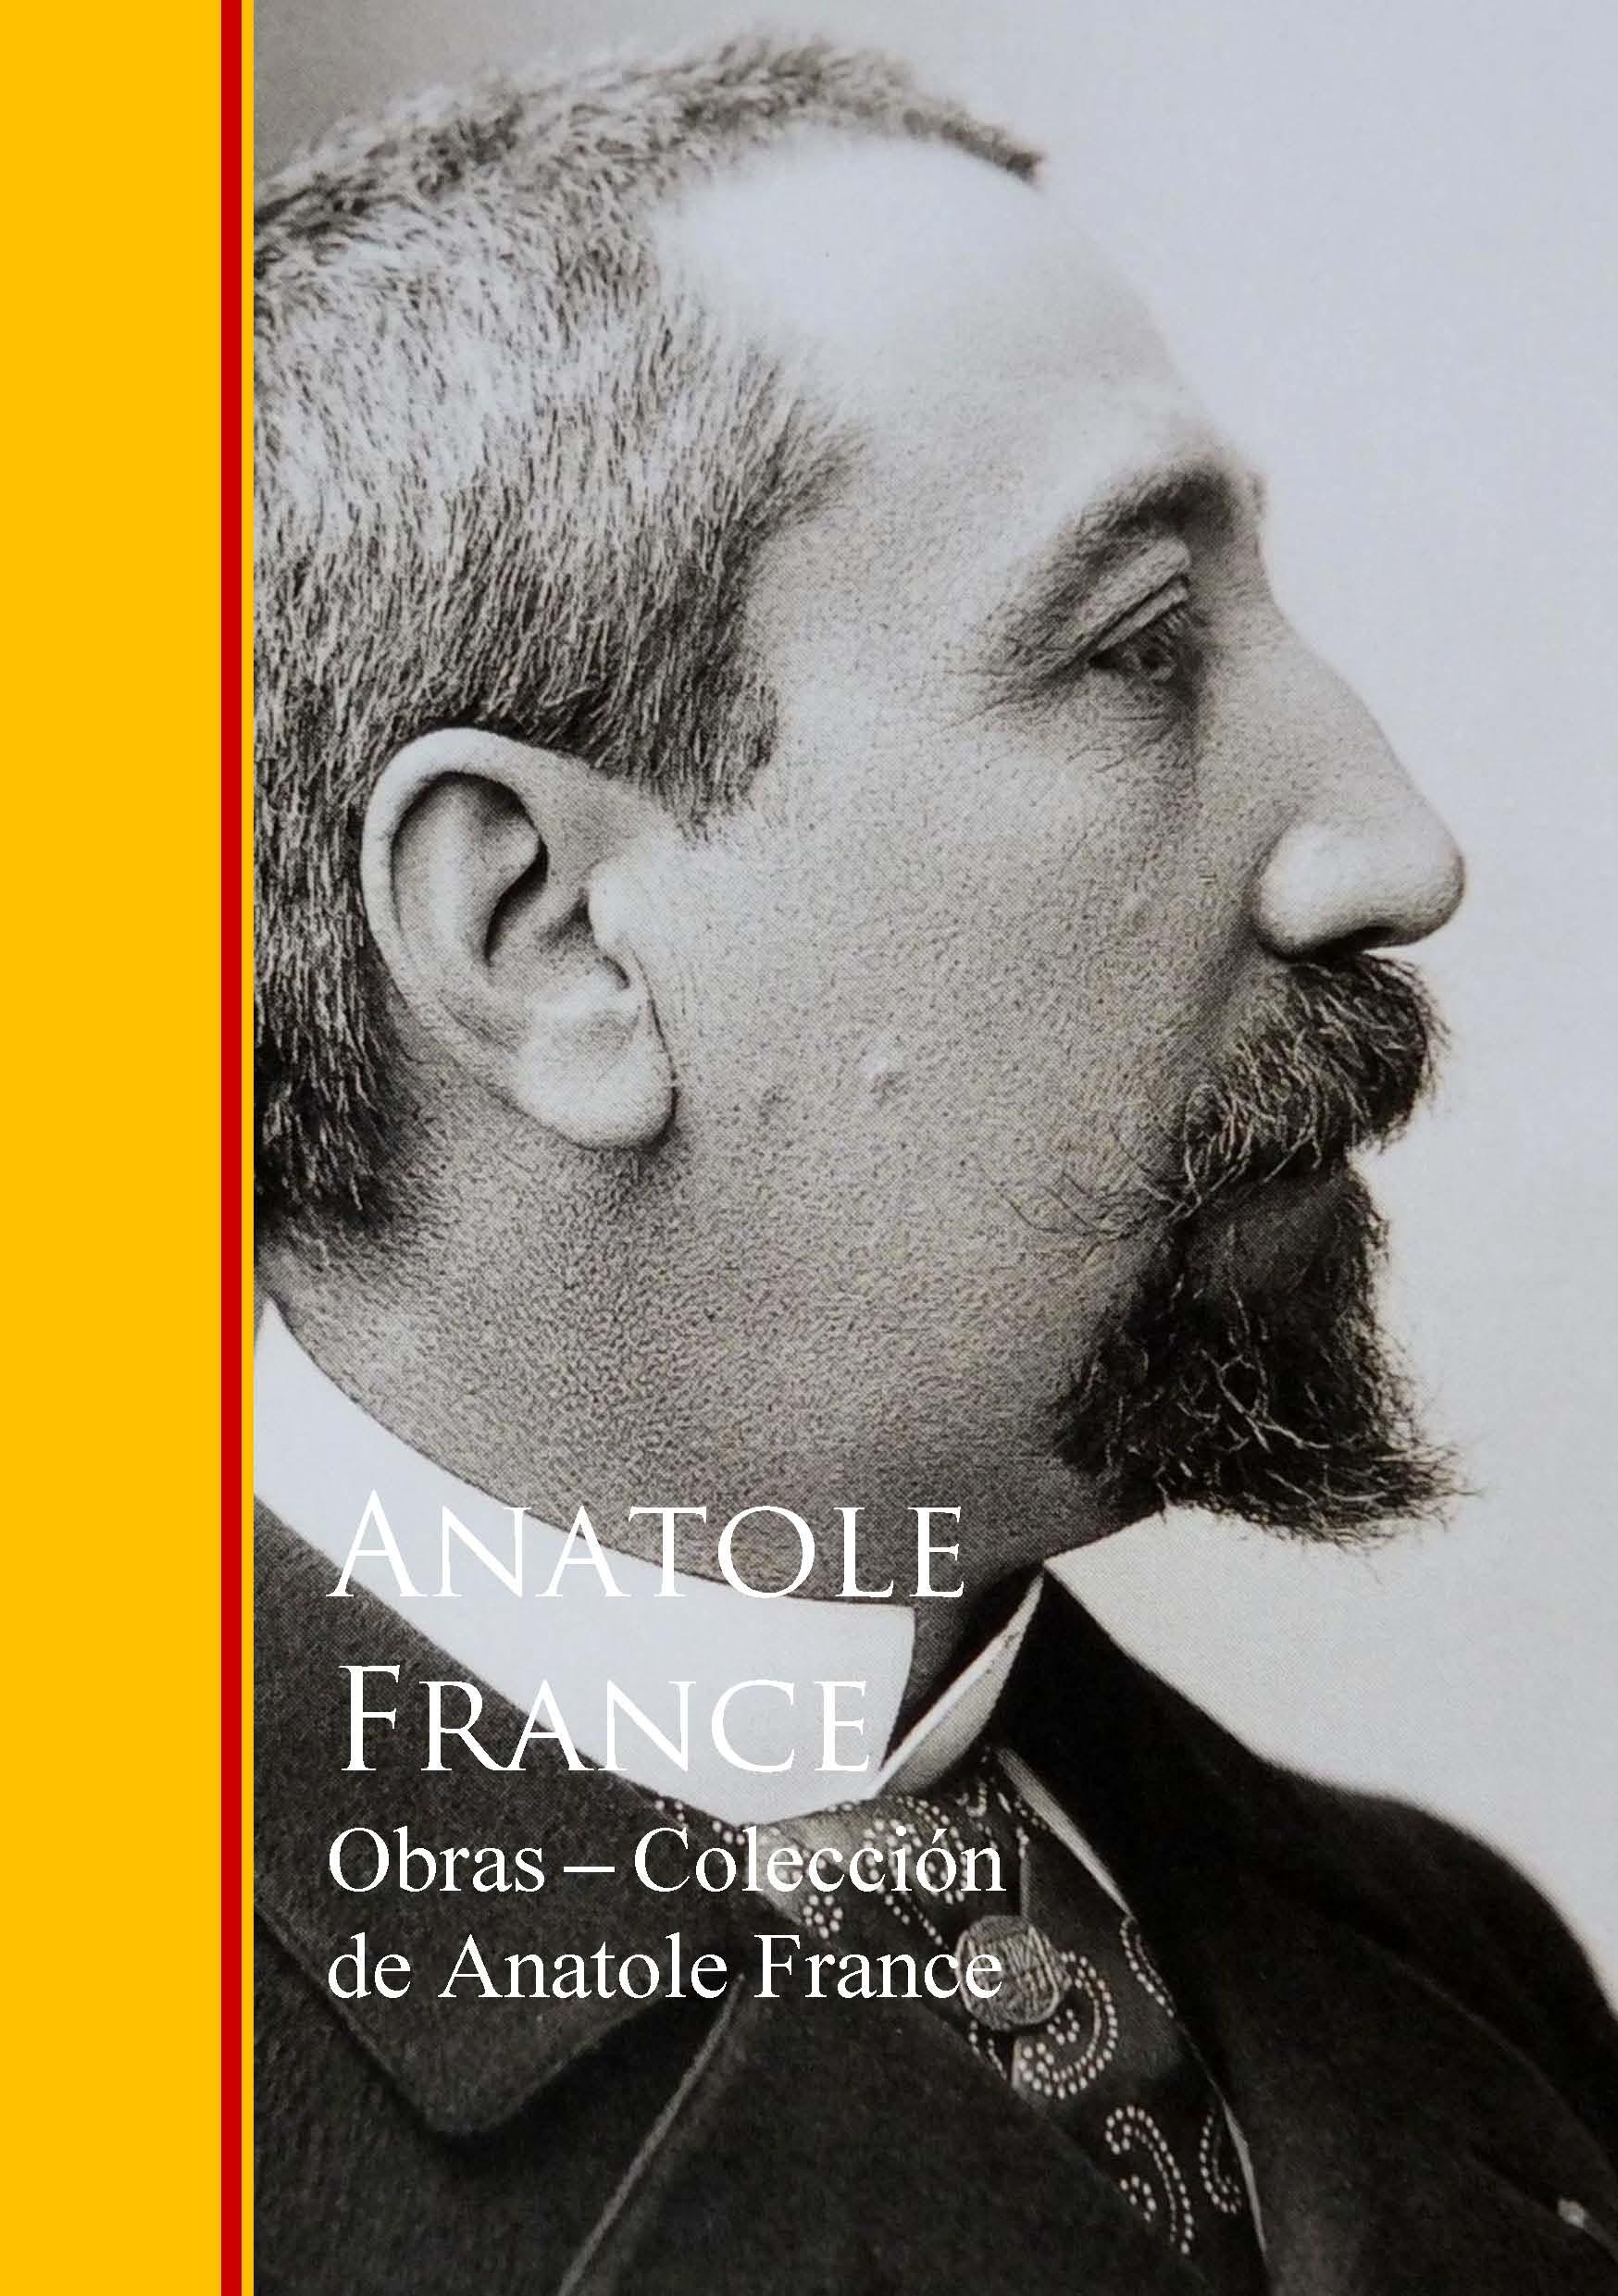 Anatole France Obras - Coleccion de Anatole France anatole france the white stone